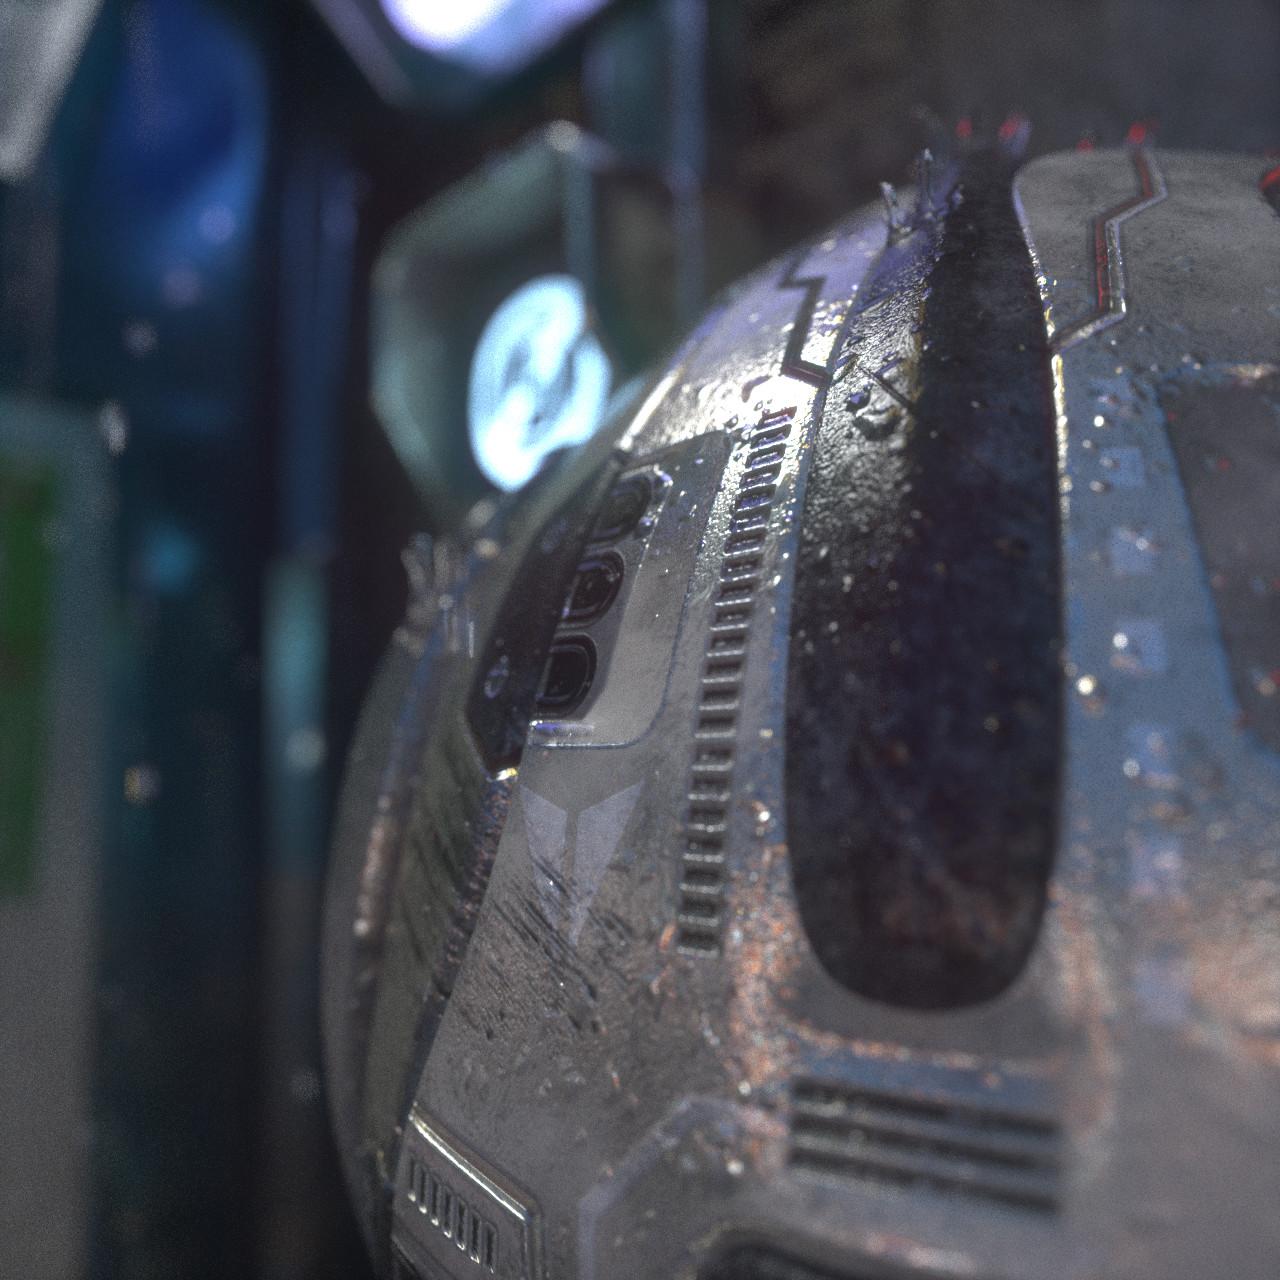 Cem tezcan closeup004